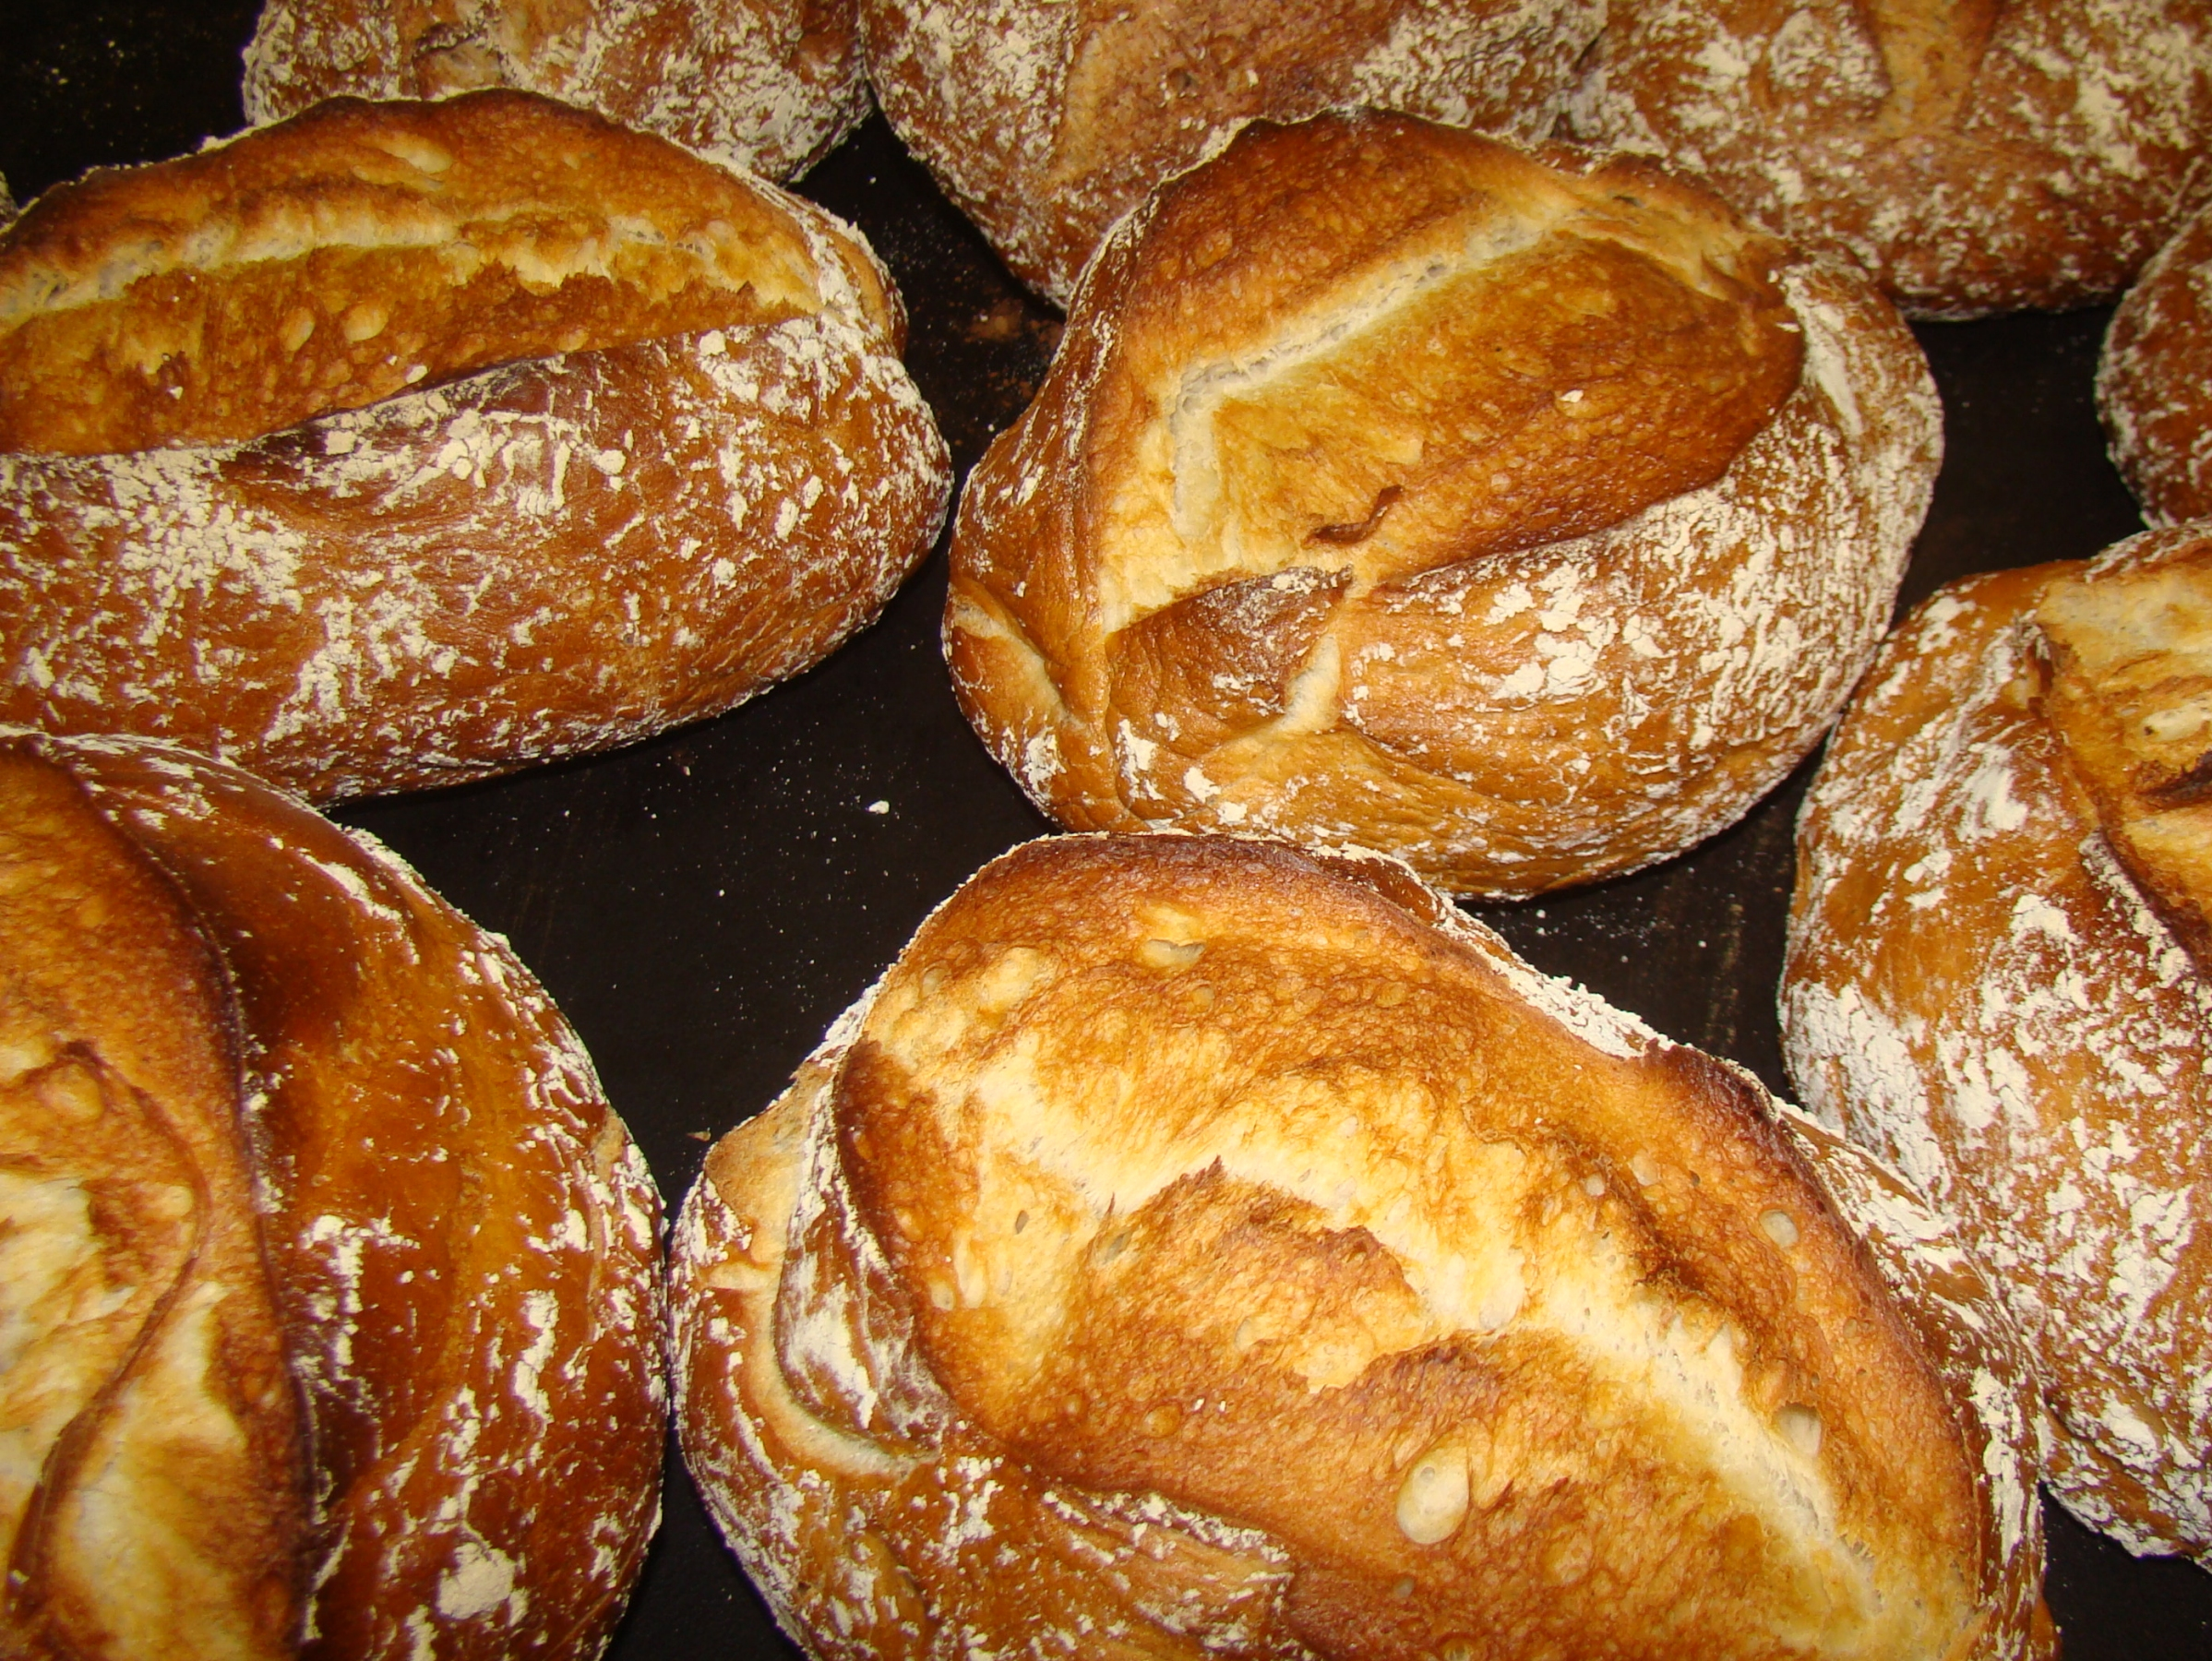 ONS BROOD SMAAKT ZOALS BROOD SMAKEN MOET!